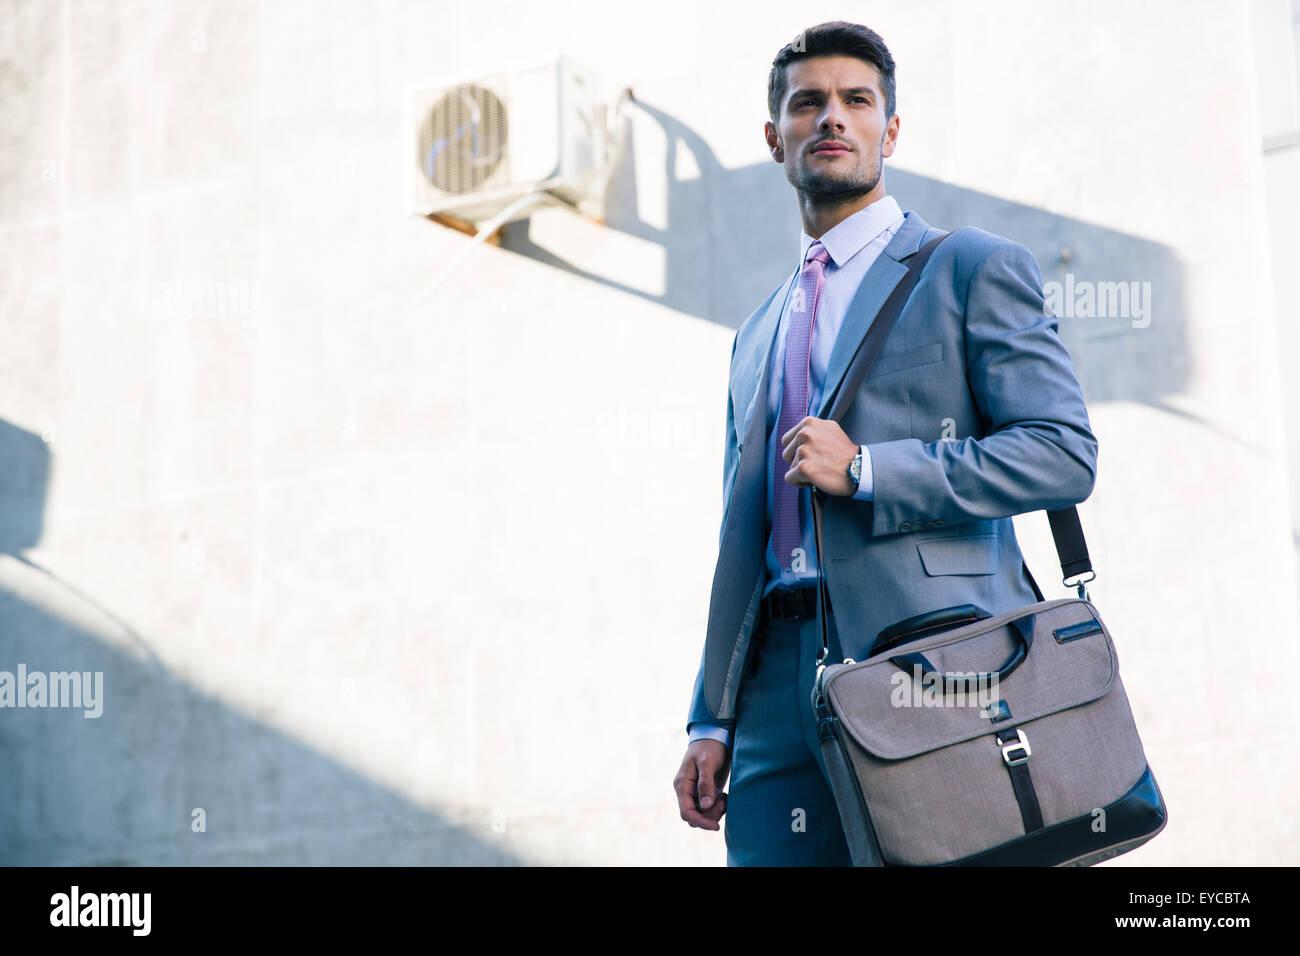 Porträt eines zuversichtlich Geschäftsmann stand im Freien in der Nähe Bürogebäude Stockfoto